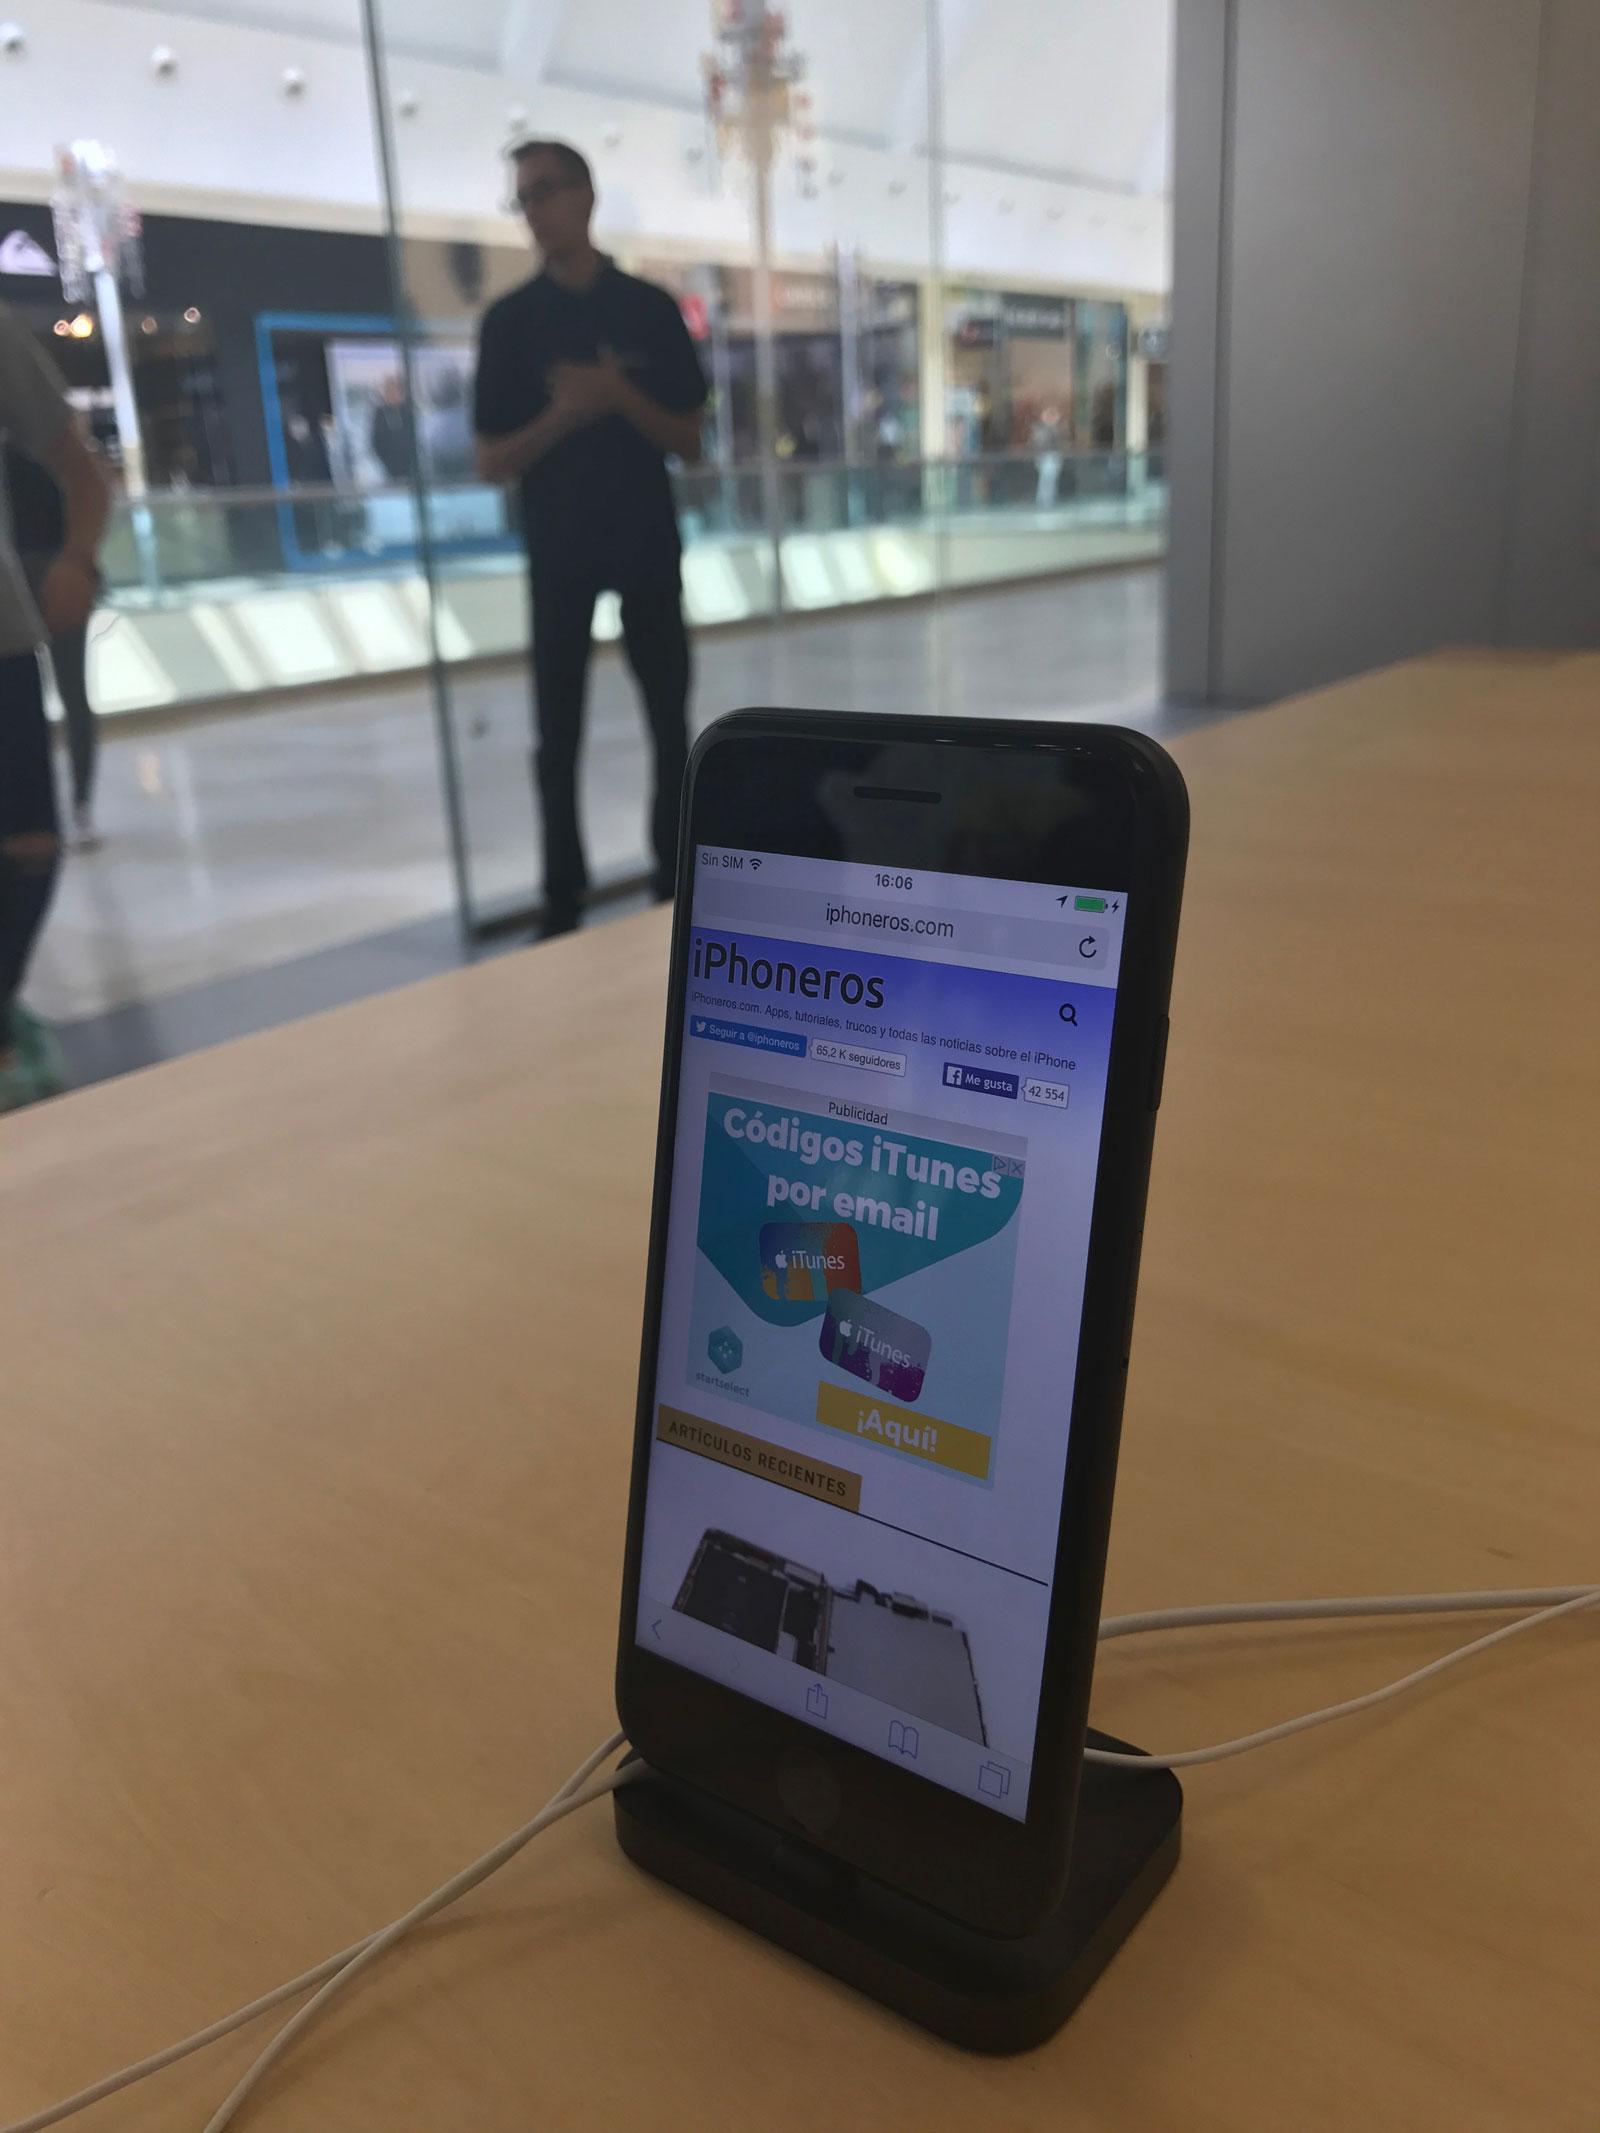 iPhone 7 con iPhoneros cargada en una Apple Store